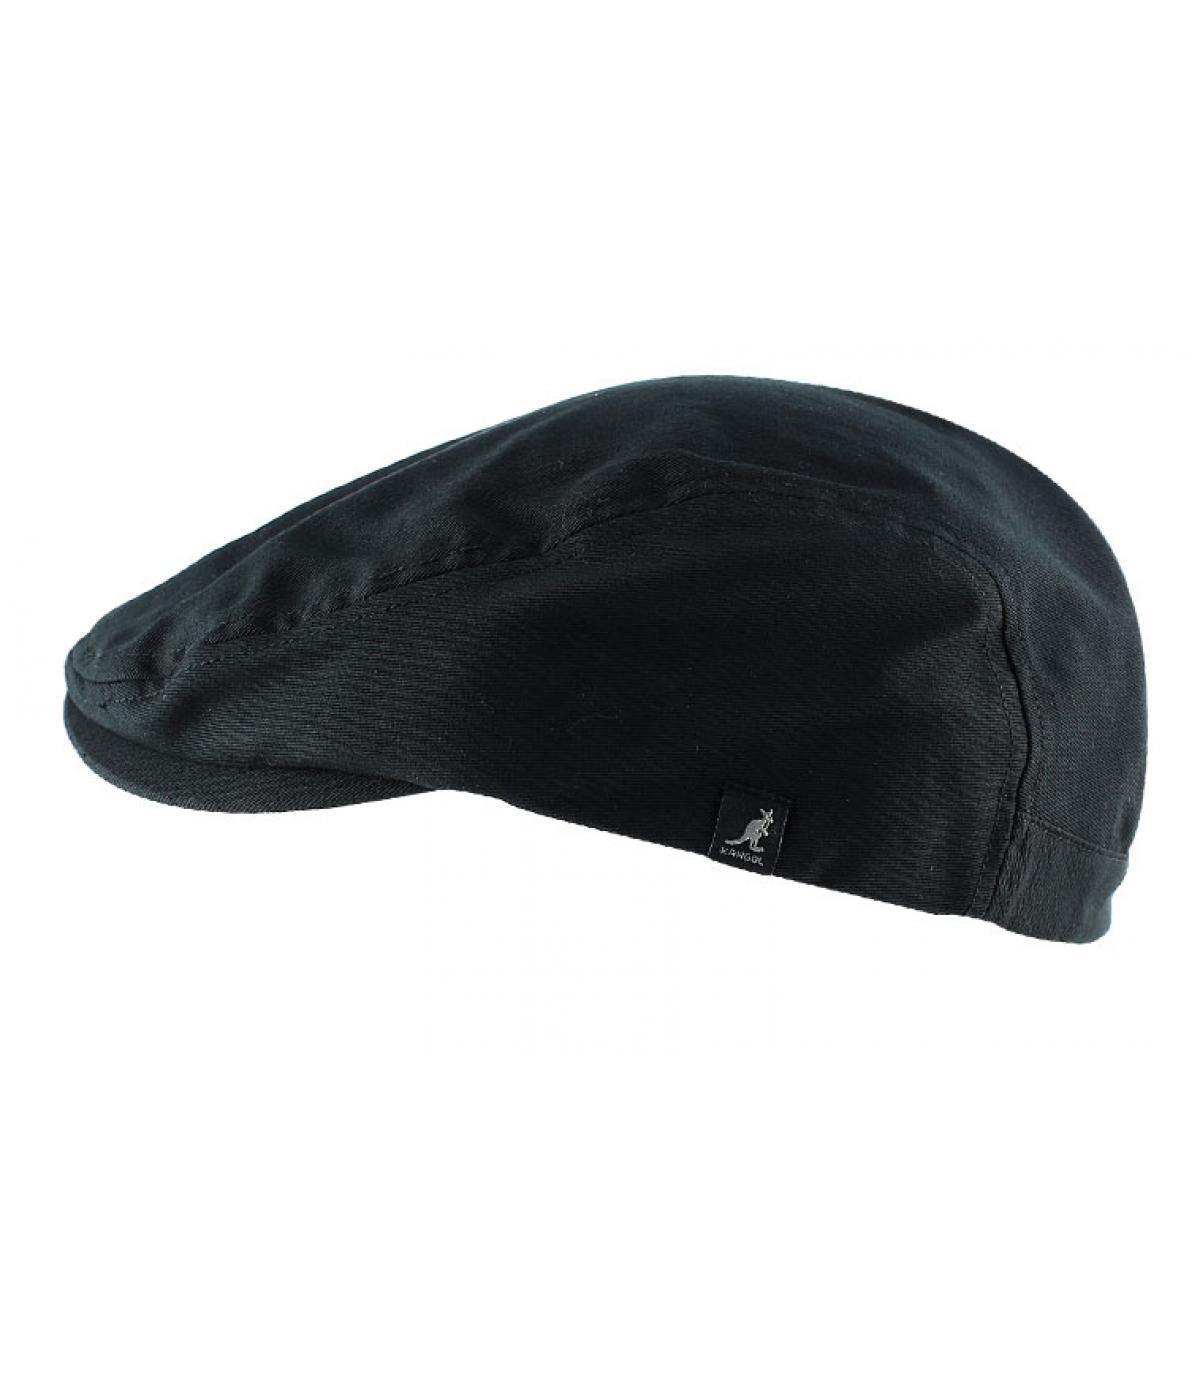 Casquette plate noire Kangol